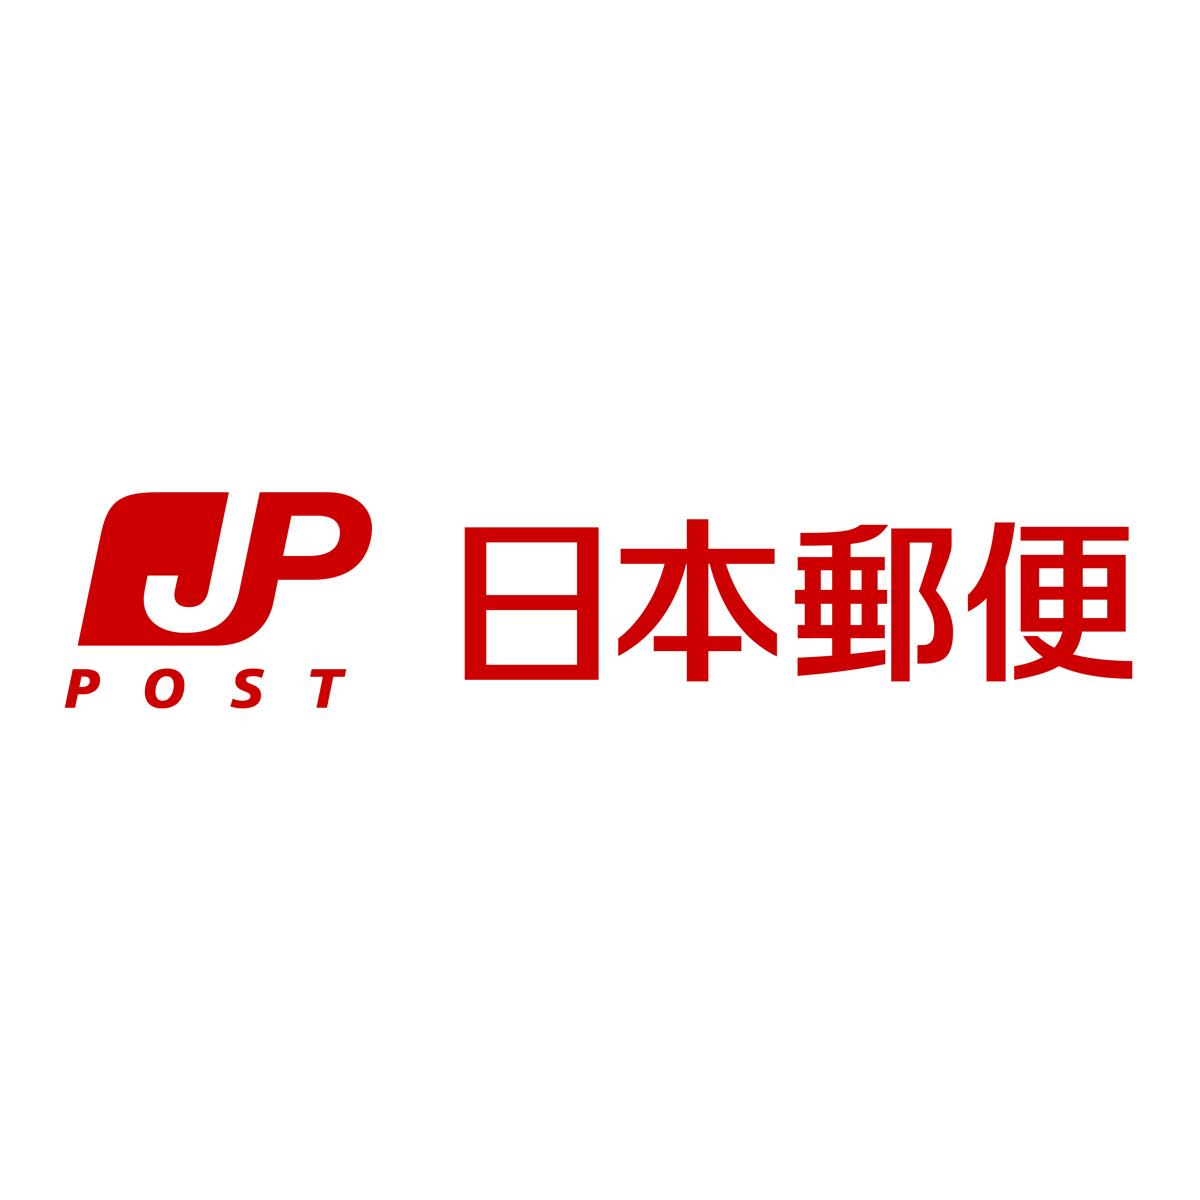 郵便・荷物 - 日本郵便